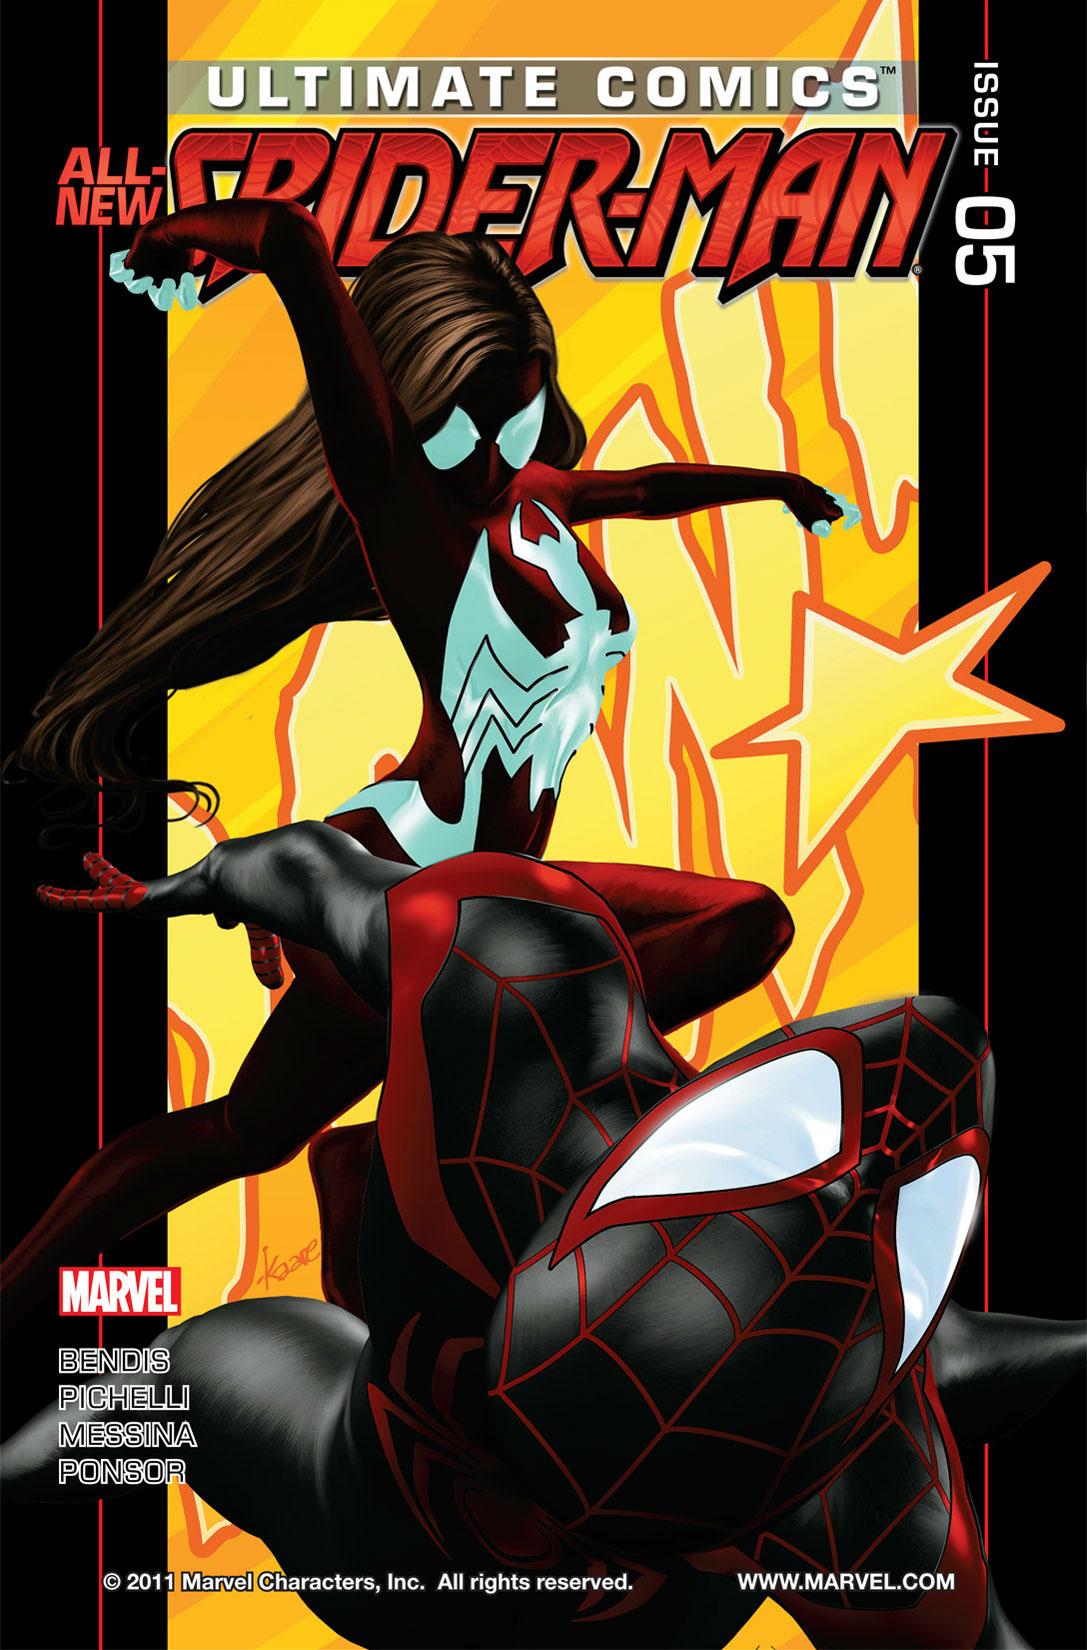 Ultimate Comics Spider-Man Vol 1 5